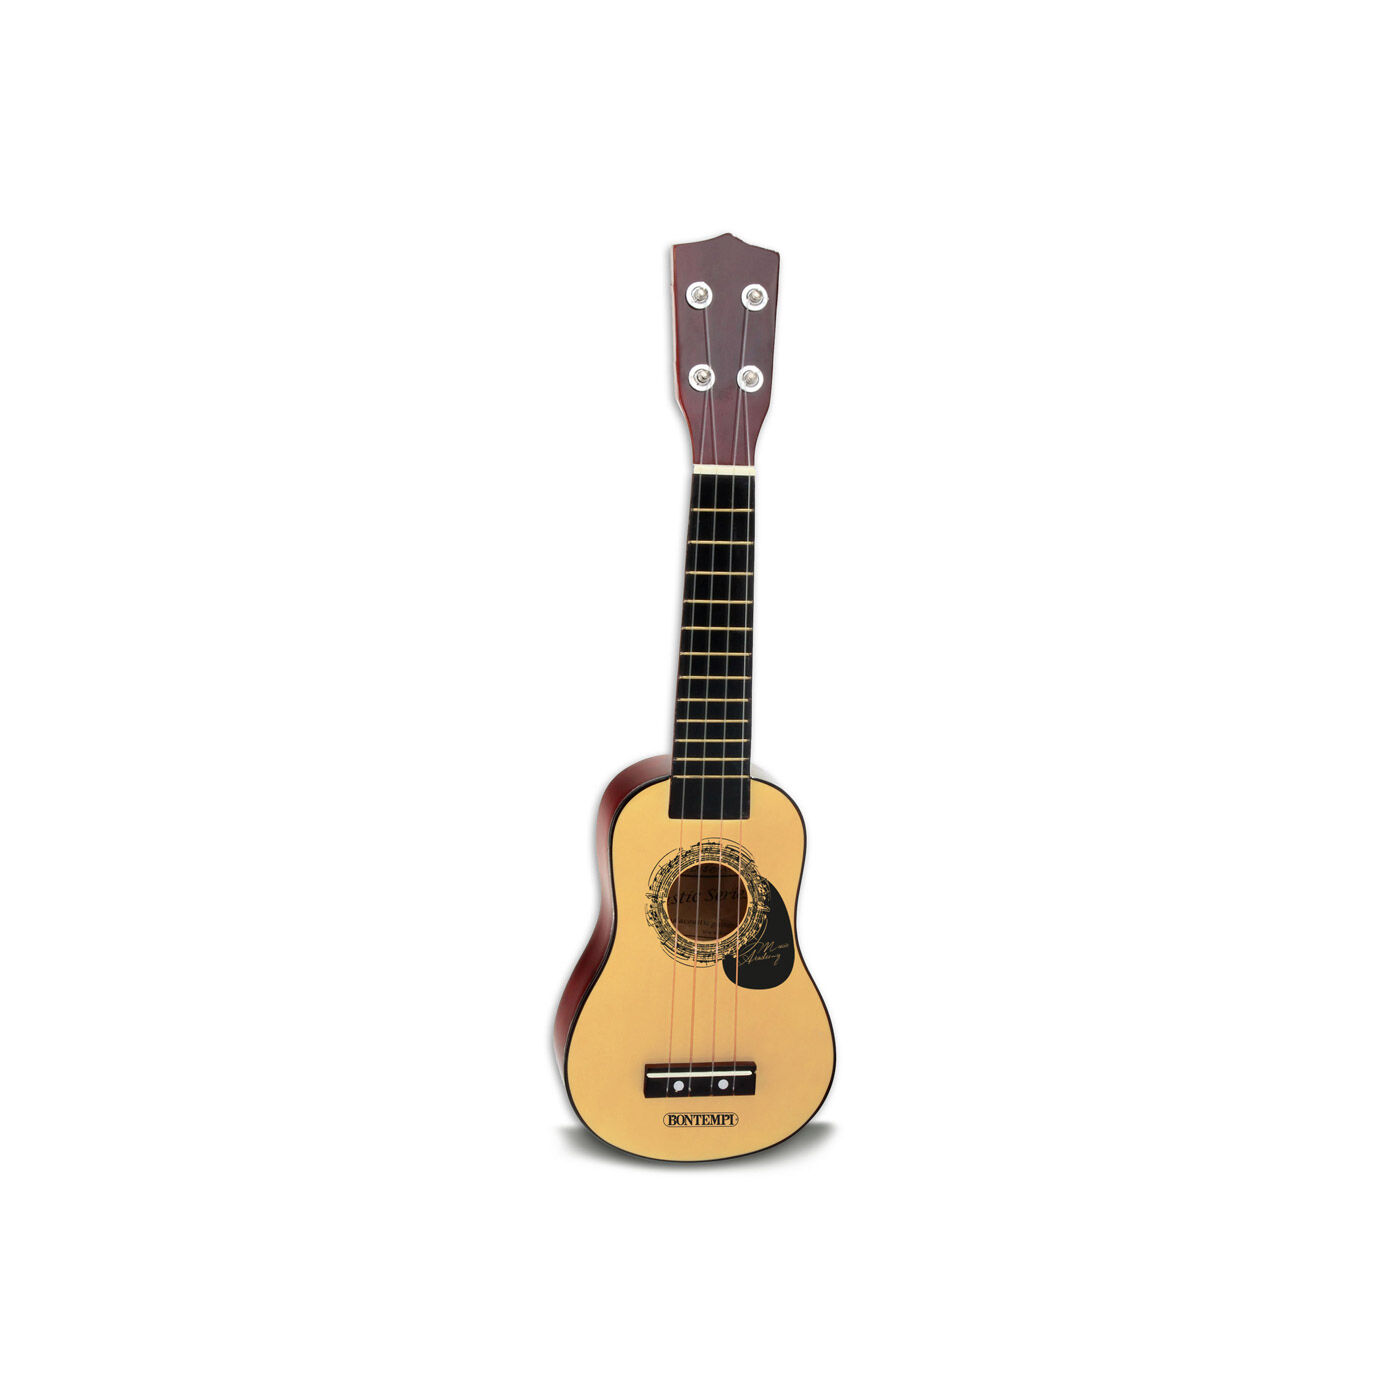 Bontempi fa ukulele